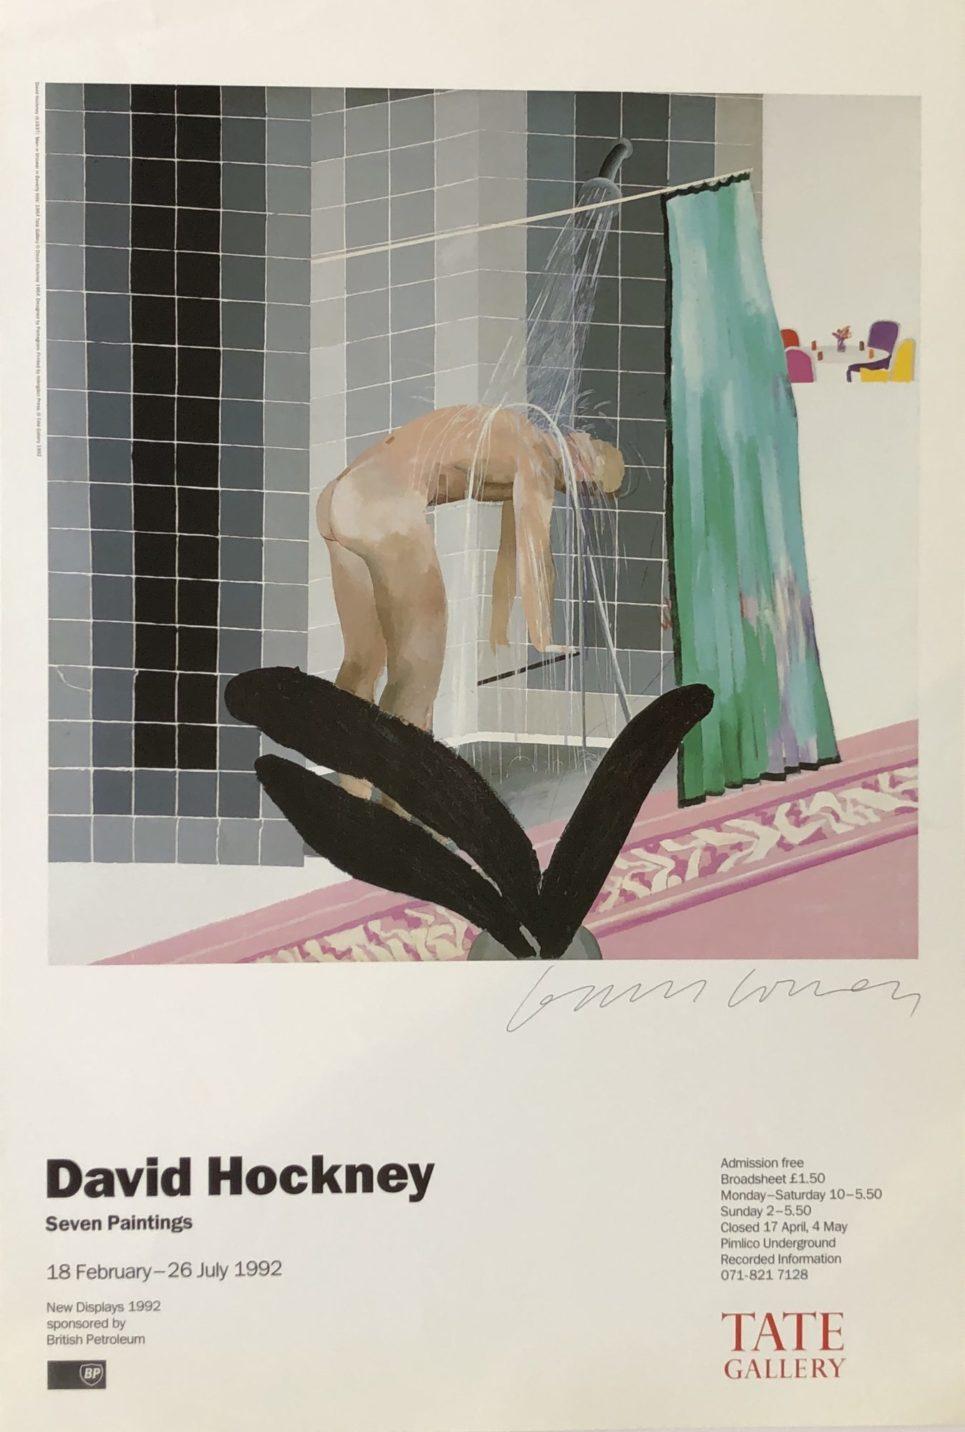 David Hockney - Seven Paintings